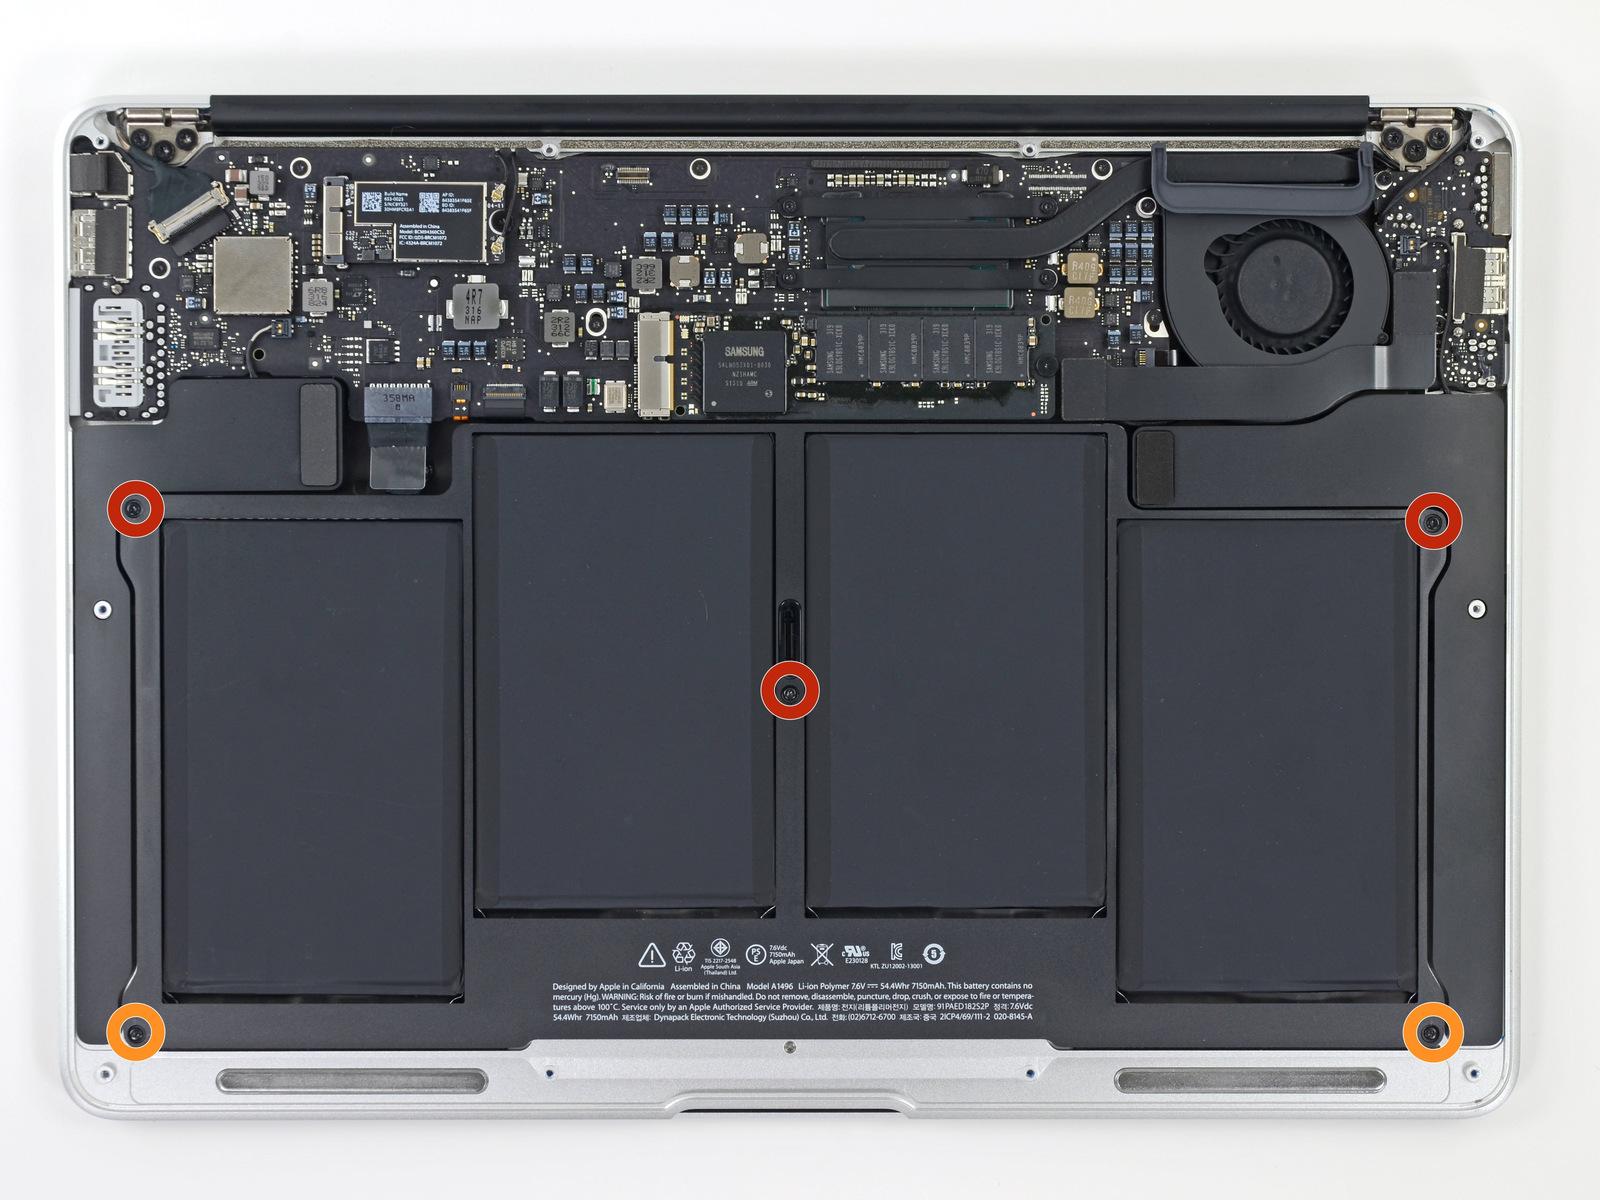 các linh kiện bên trong Macbook air sắp xếp rất gọn gàng